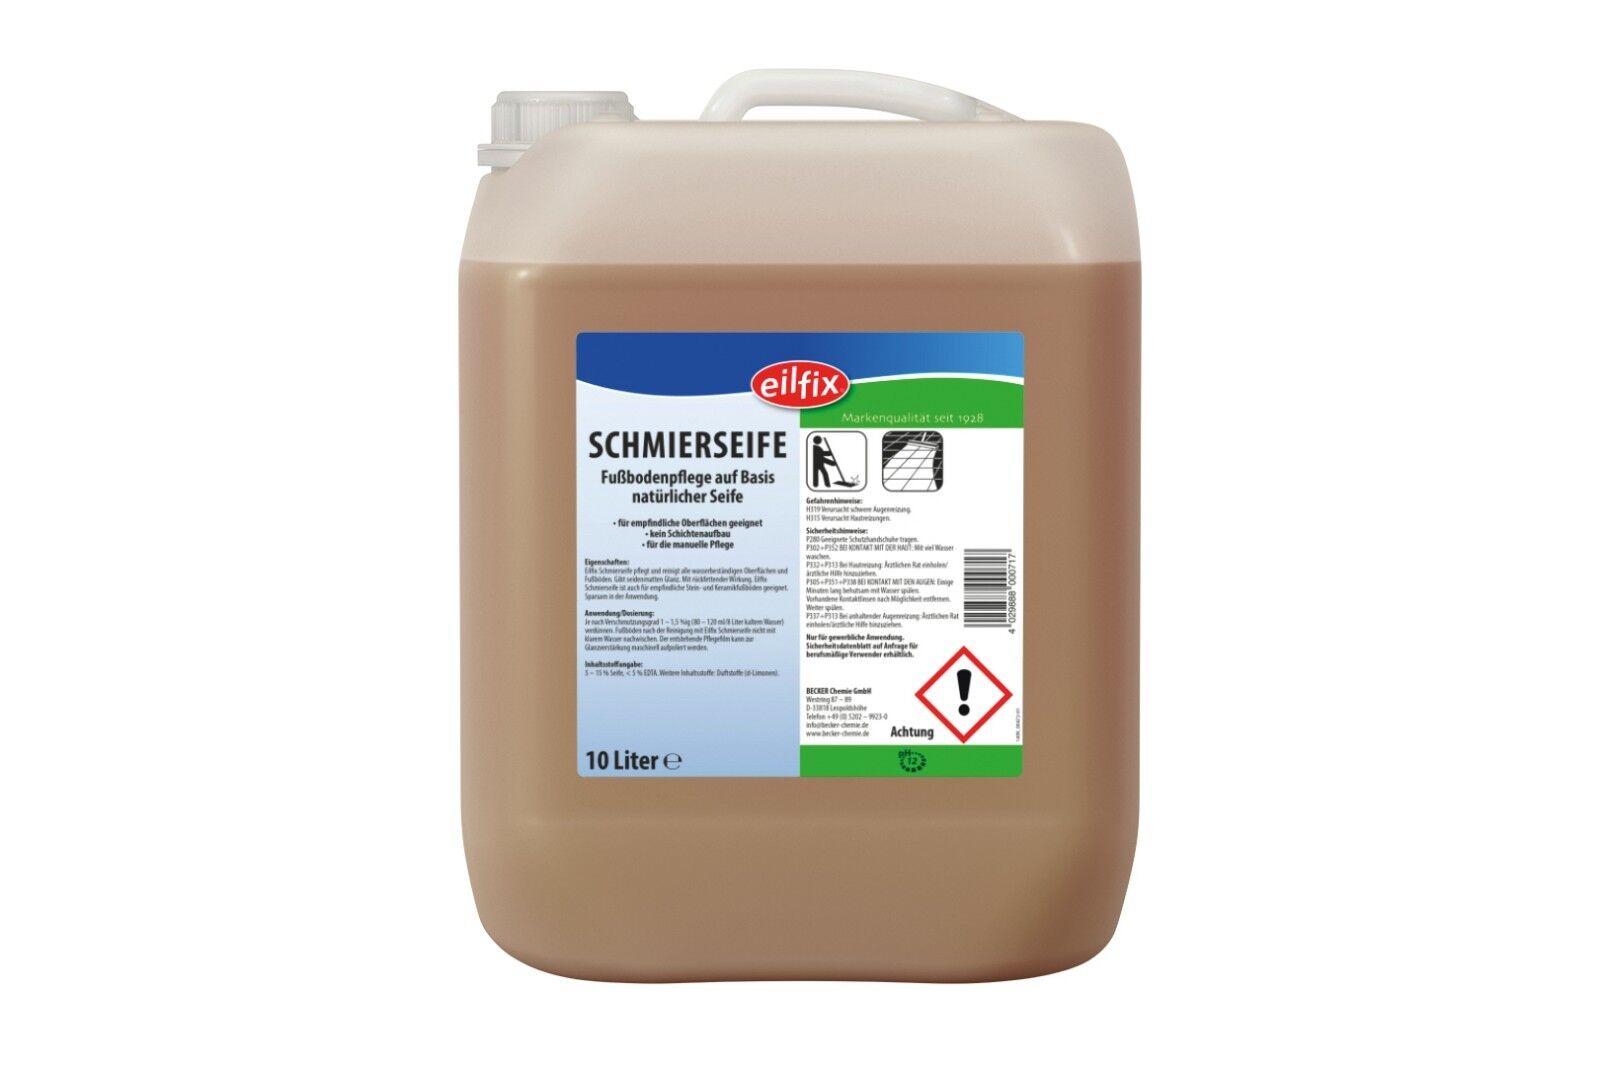 Eilfix® Schmierseife flüssig 10 Liter Kanister Oberflächenreiniger Putzmittel